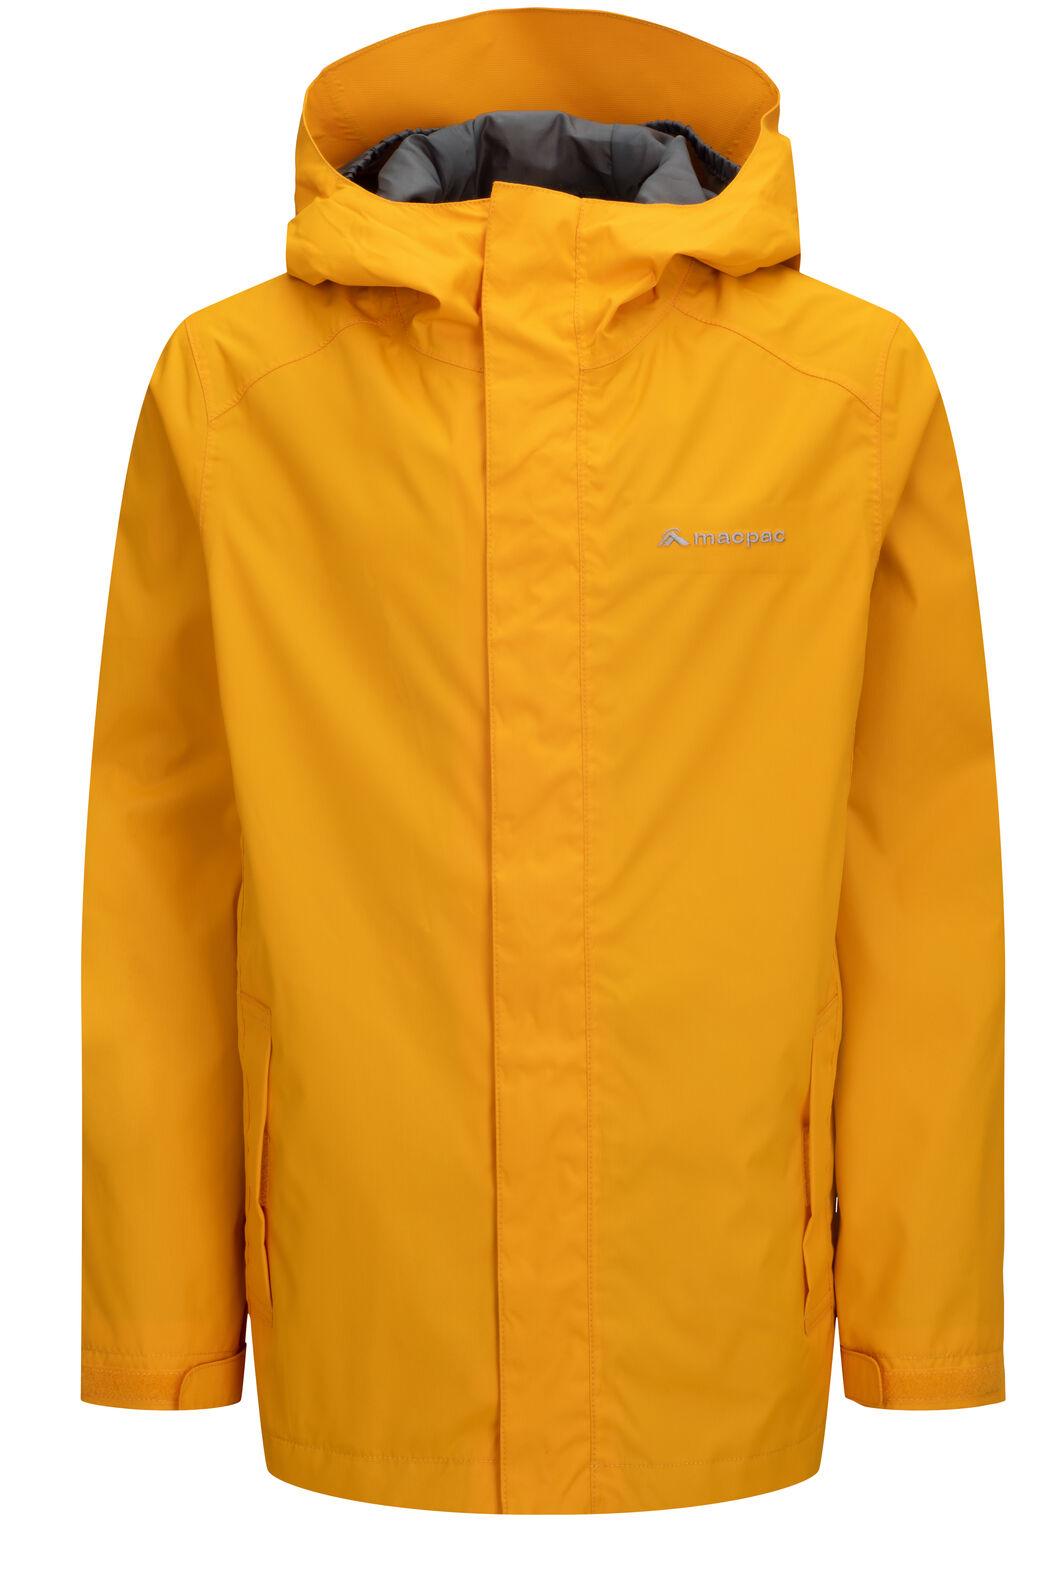 Macpac Jetstream Rain Jacket — Kids', Cadmium Yellow, hi-res